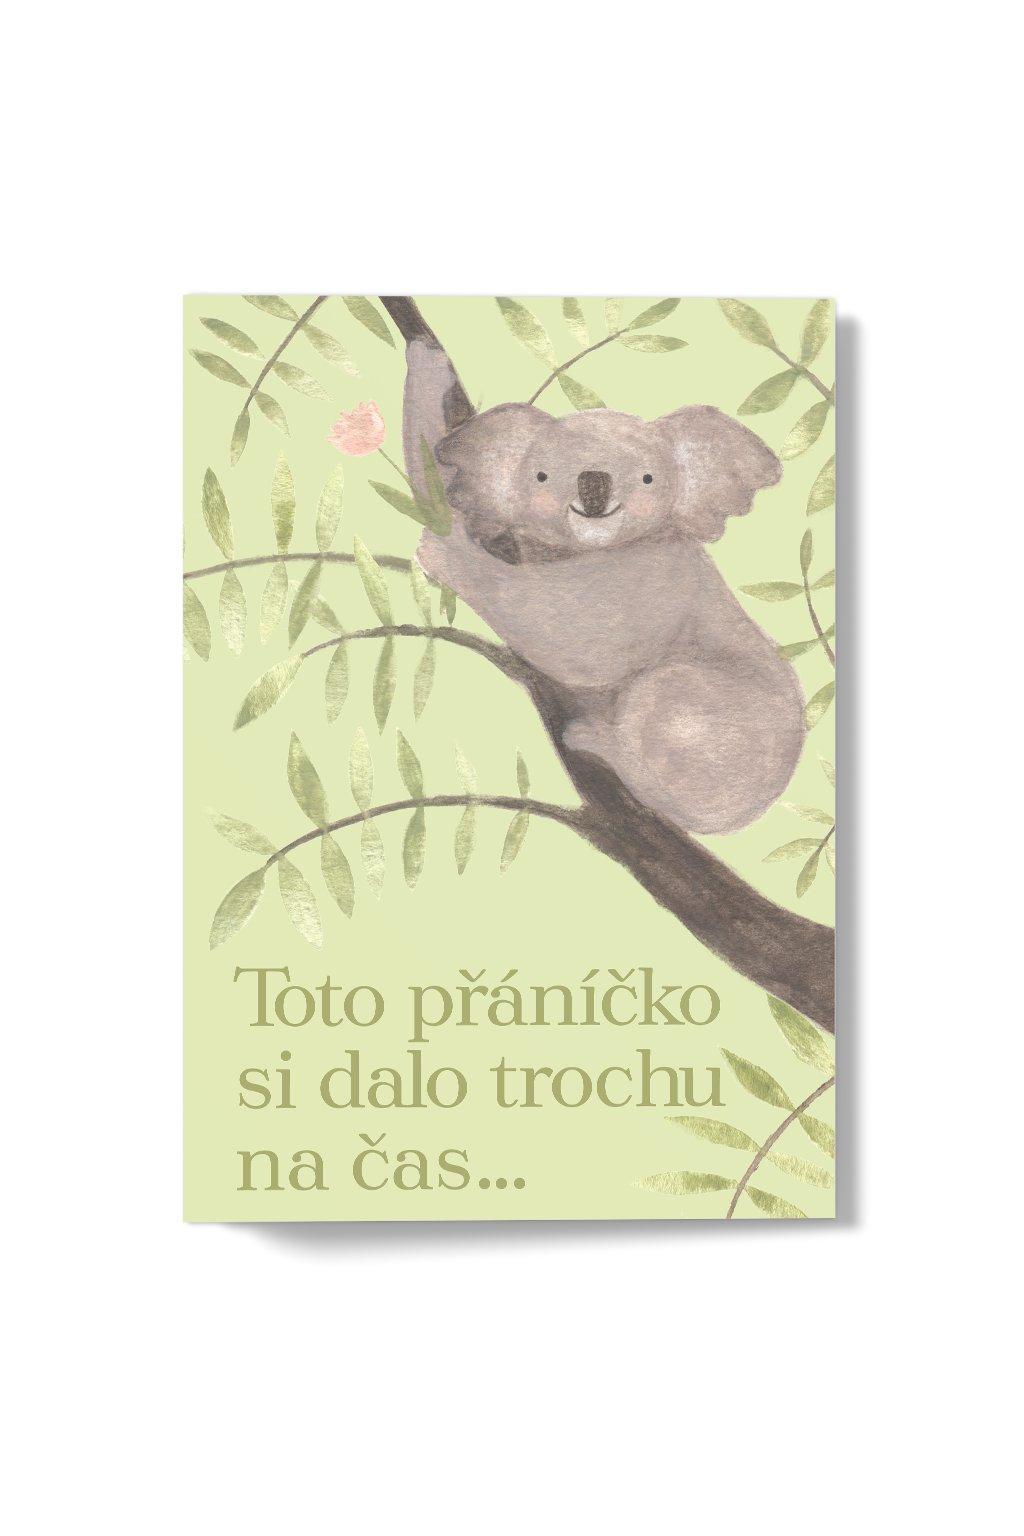 JAATY_roztomile-univerzalni-pranicko-pro-zapometlivce-koala-lenochod